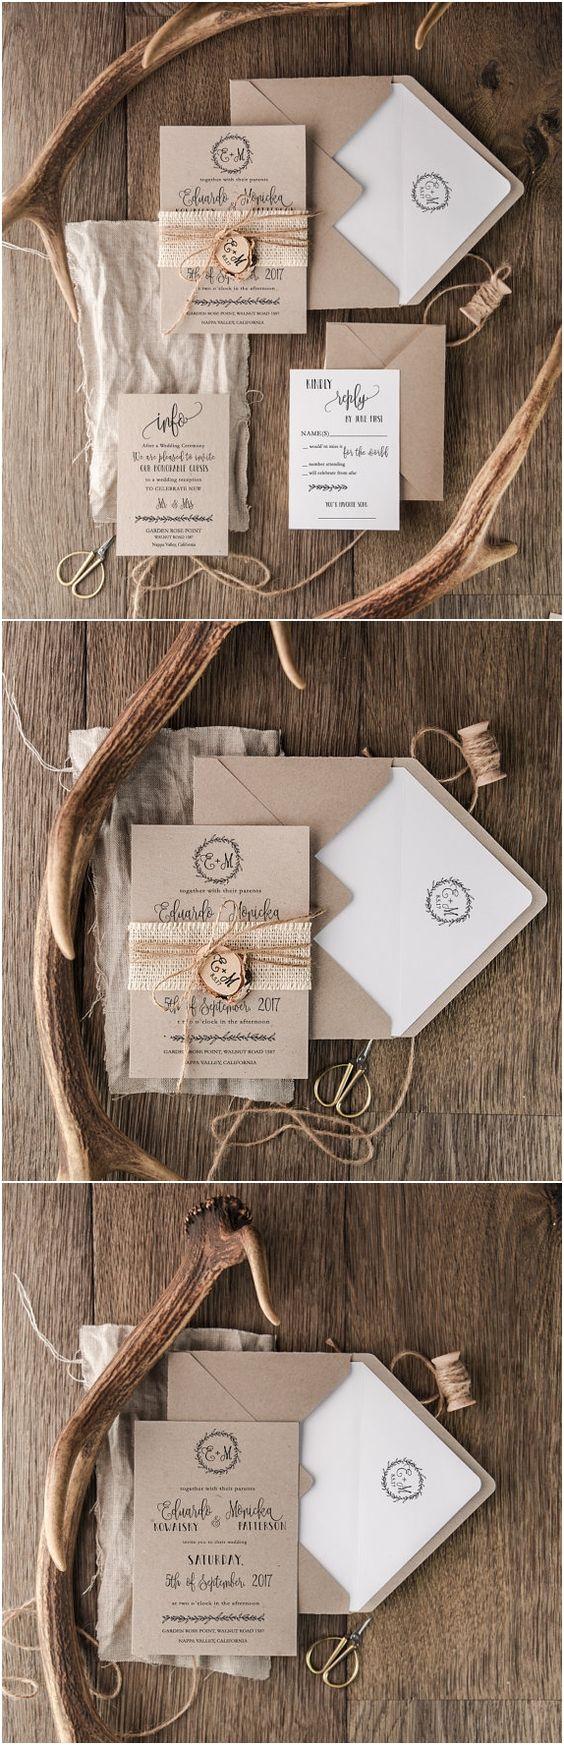 Craft Wedding Invitation Suite, Burlap Wedding Invitation, Wooden Slice Invitations, Monogram Invites